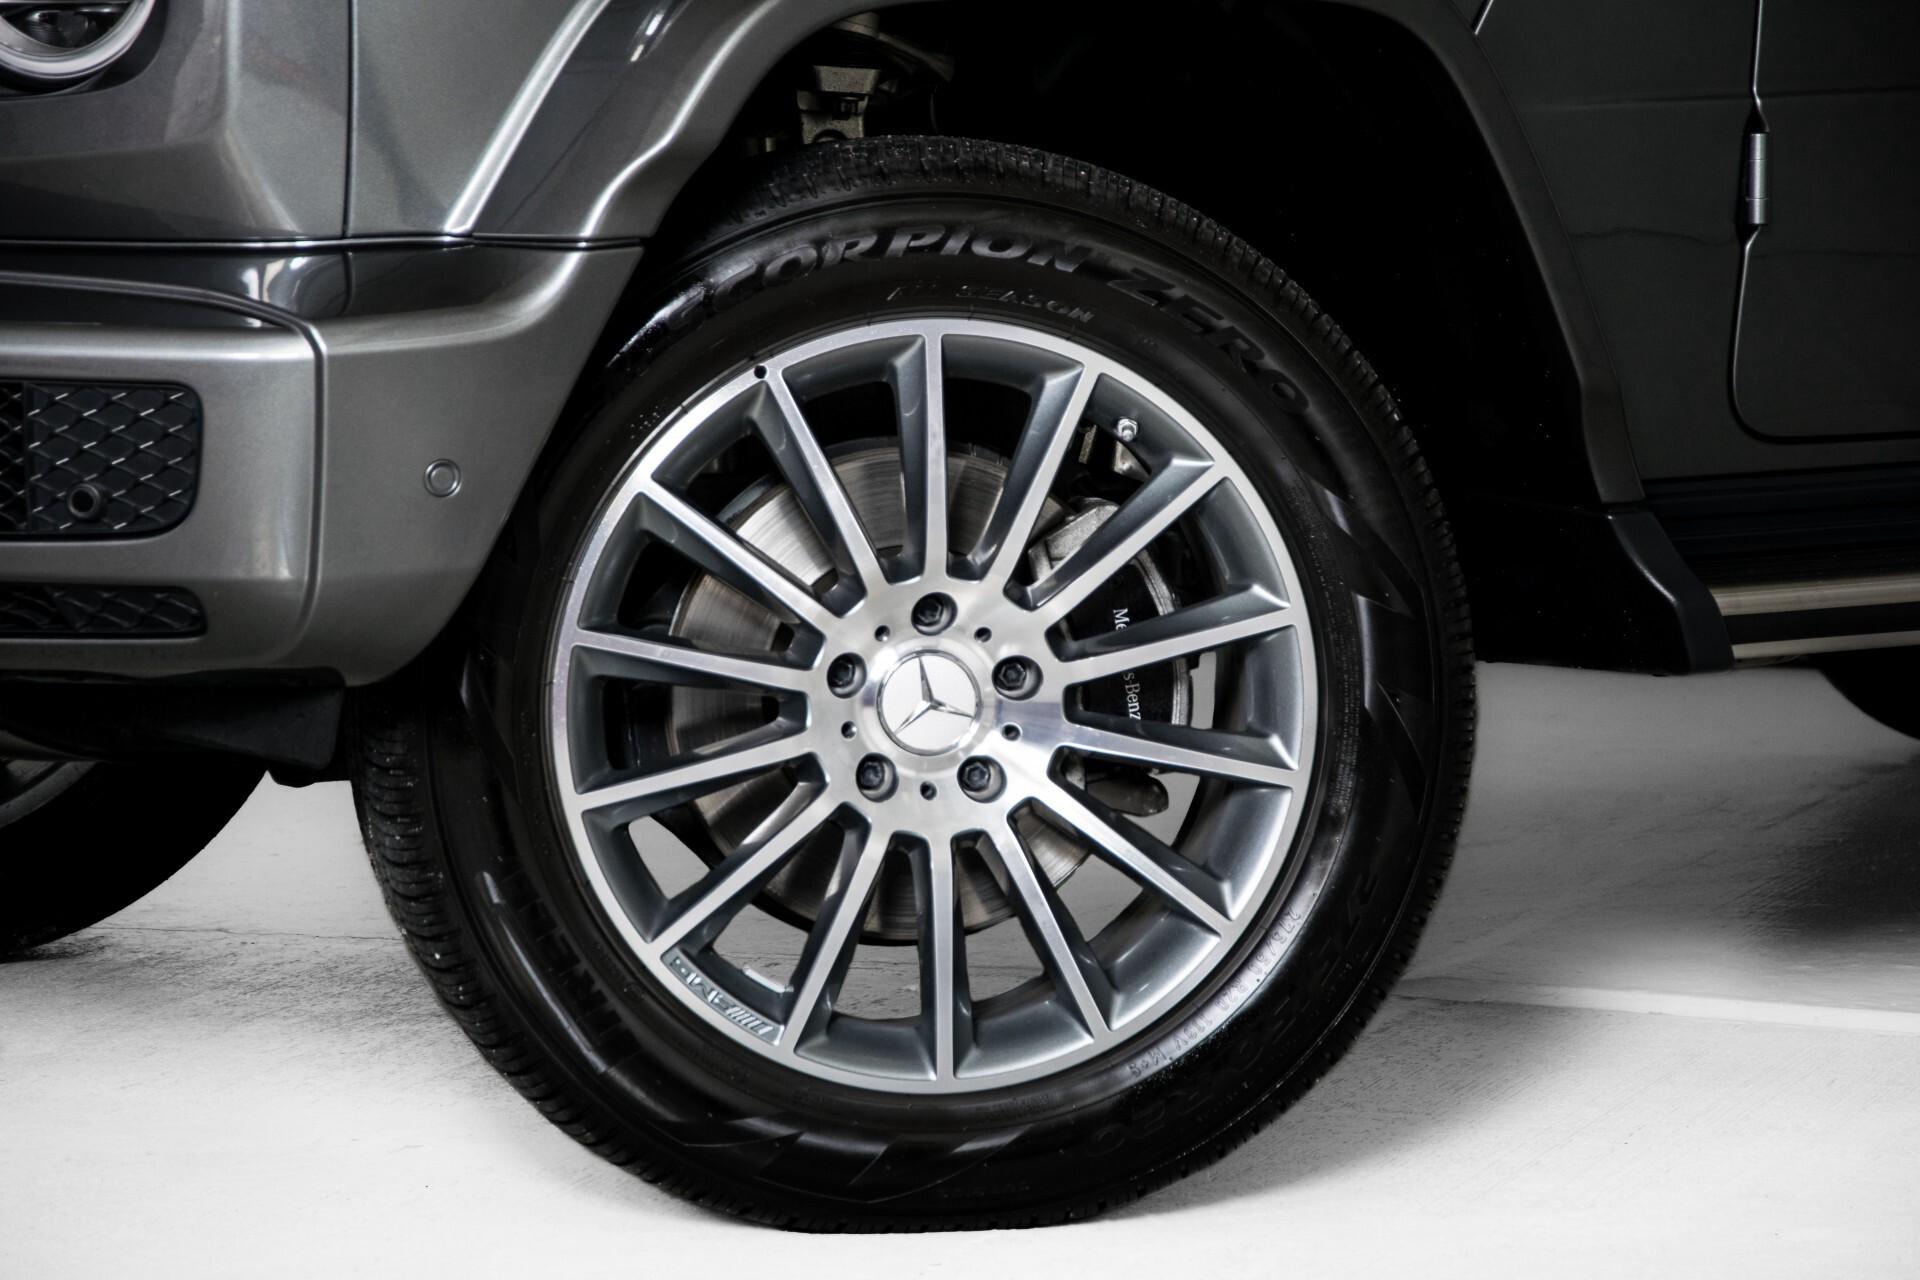 Mercedes-Benz G-Klasse 500 AMG Massage/Entertainment/Manufaktur/Standkachel/Distronic/RVS Aut9 Foto 58